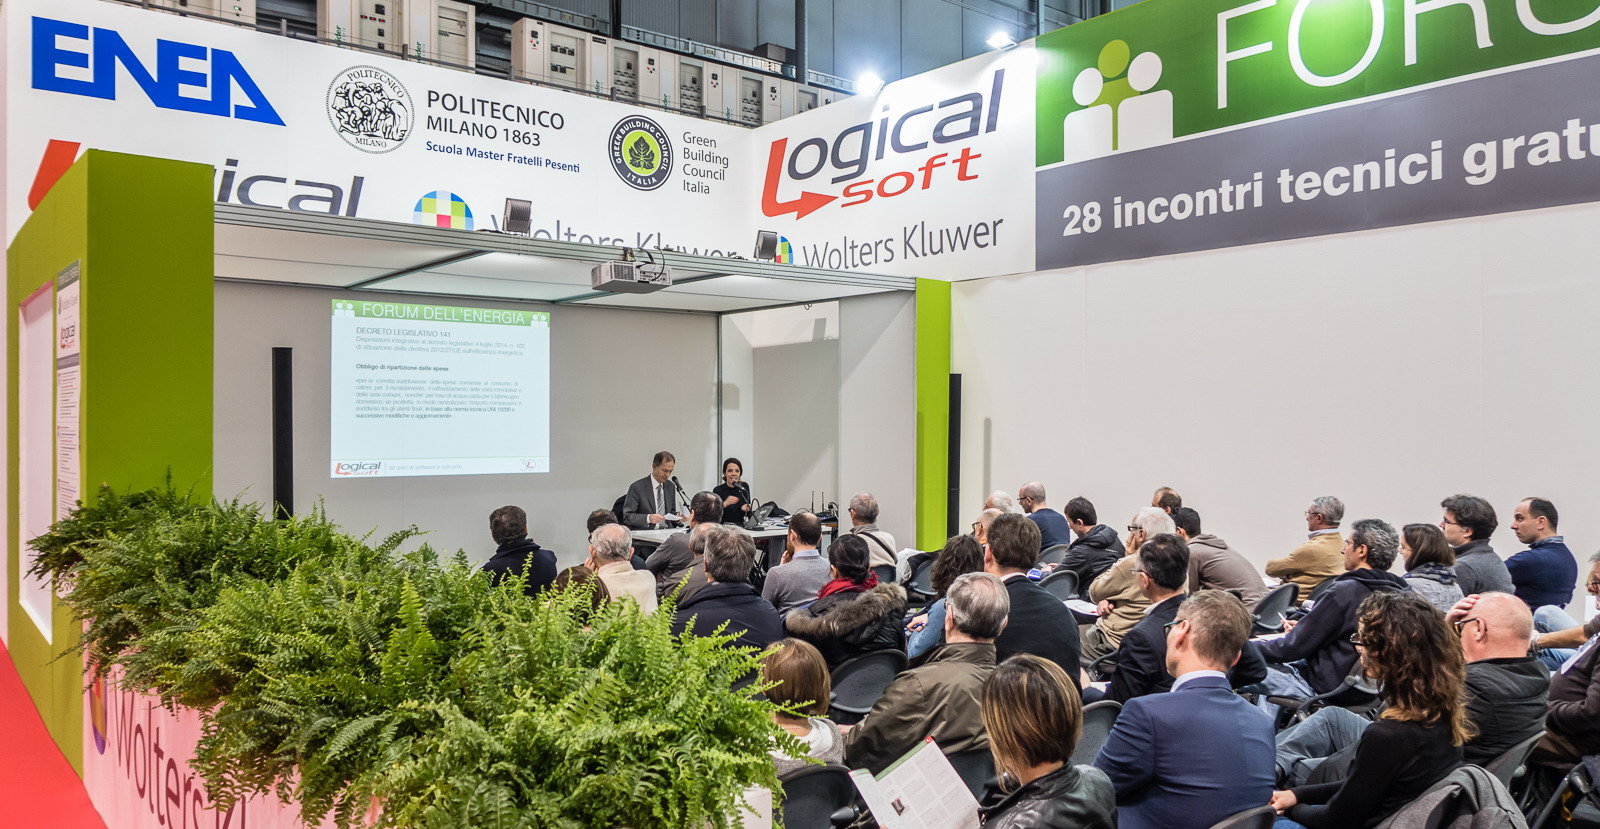 FORUM DELL'ENERGIA a Mostra Convegno Expocomfort 2018